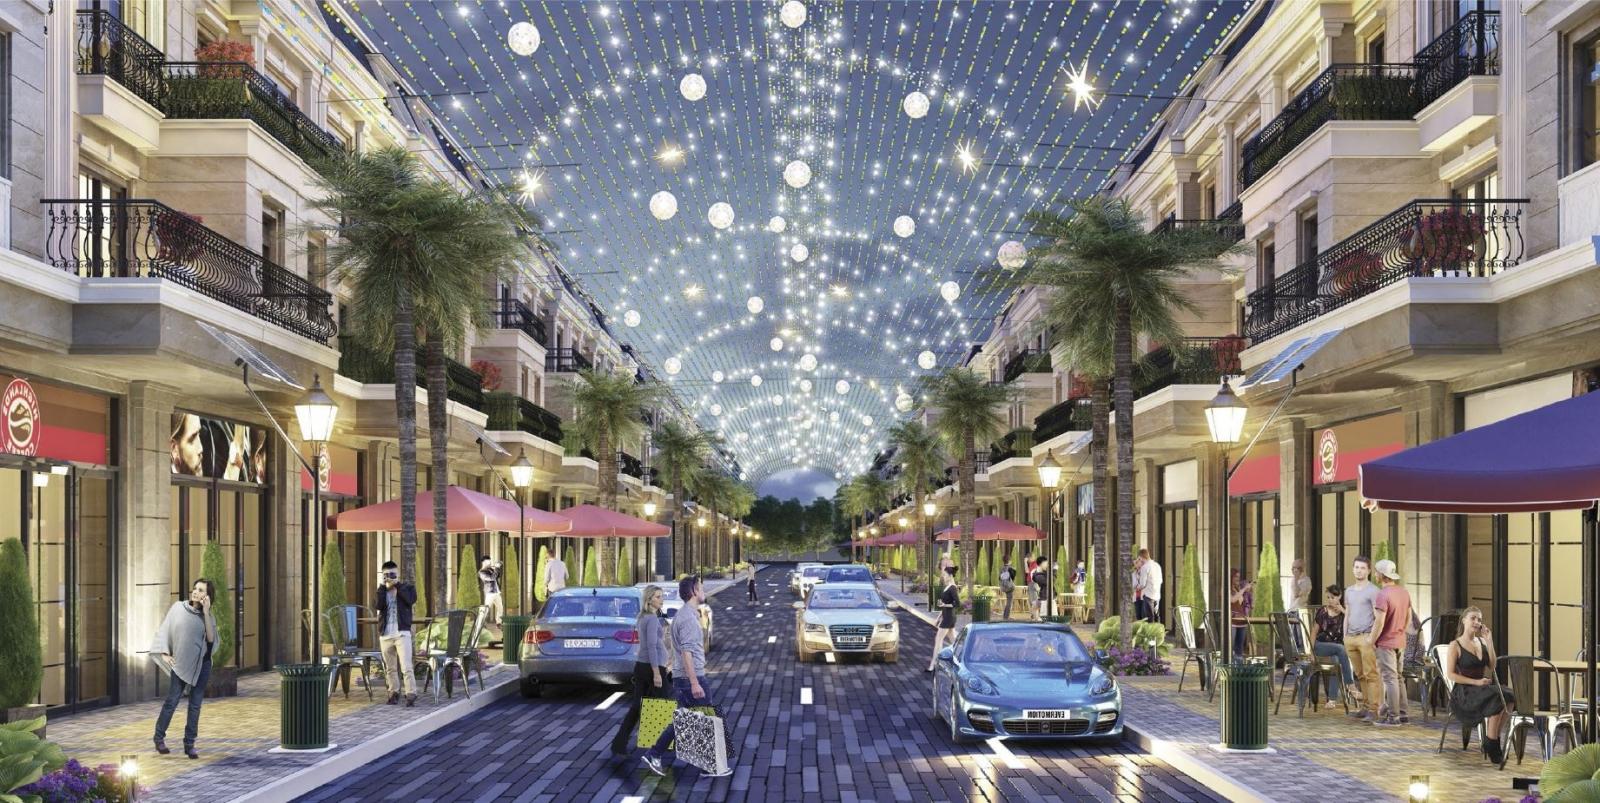 Sắp xuất hiện điểm du lịch mua sắm chuẩn quốc tế tại Trung tâm TP Đà Nẵng